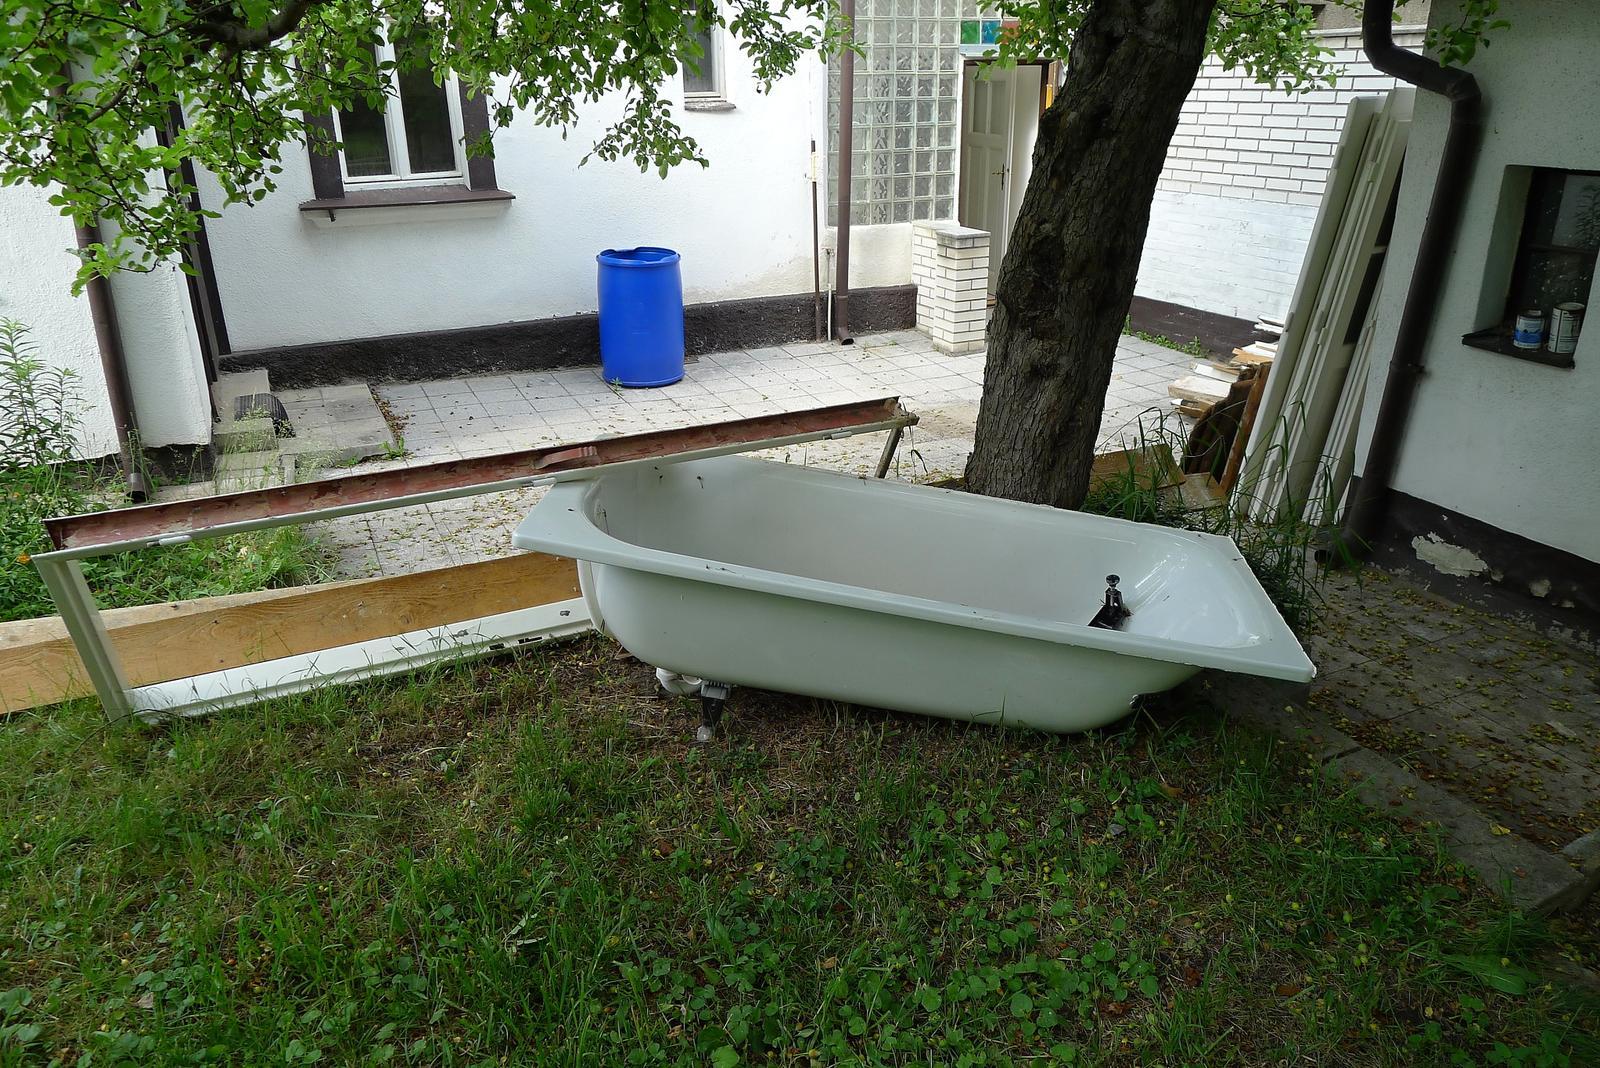 Rekonstrukce našeho domečku - zahrada se pomalu začíná měnit ve skládku....